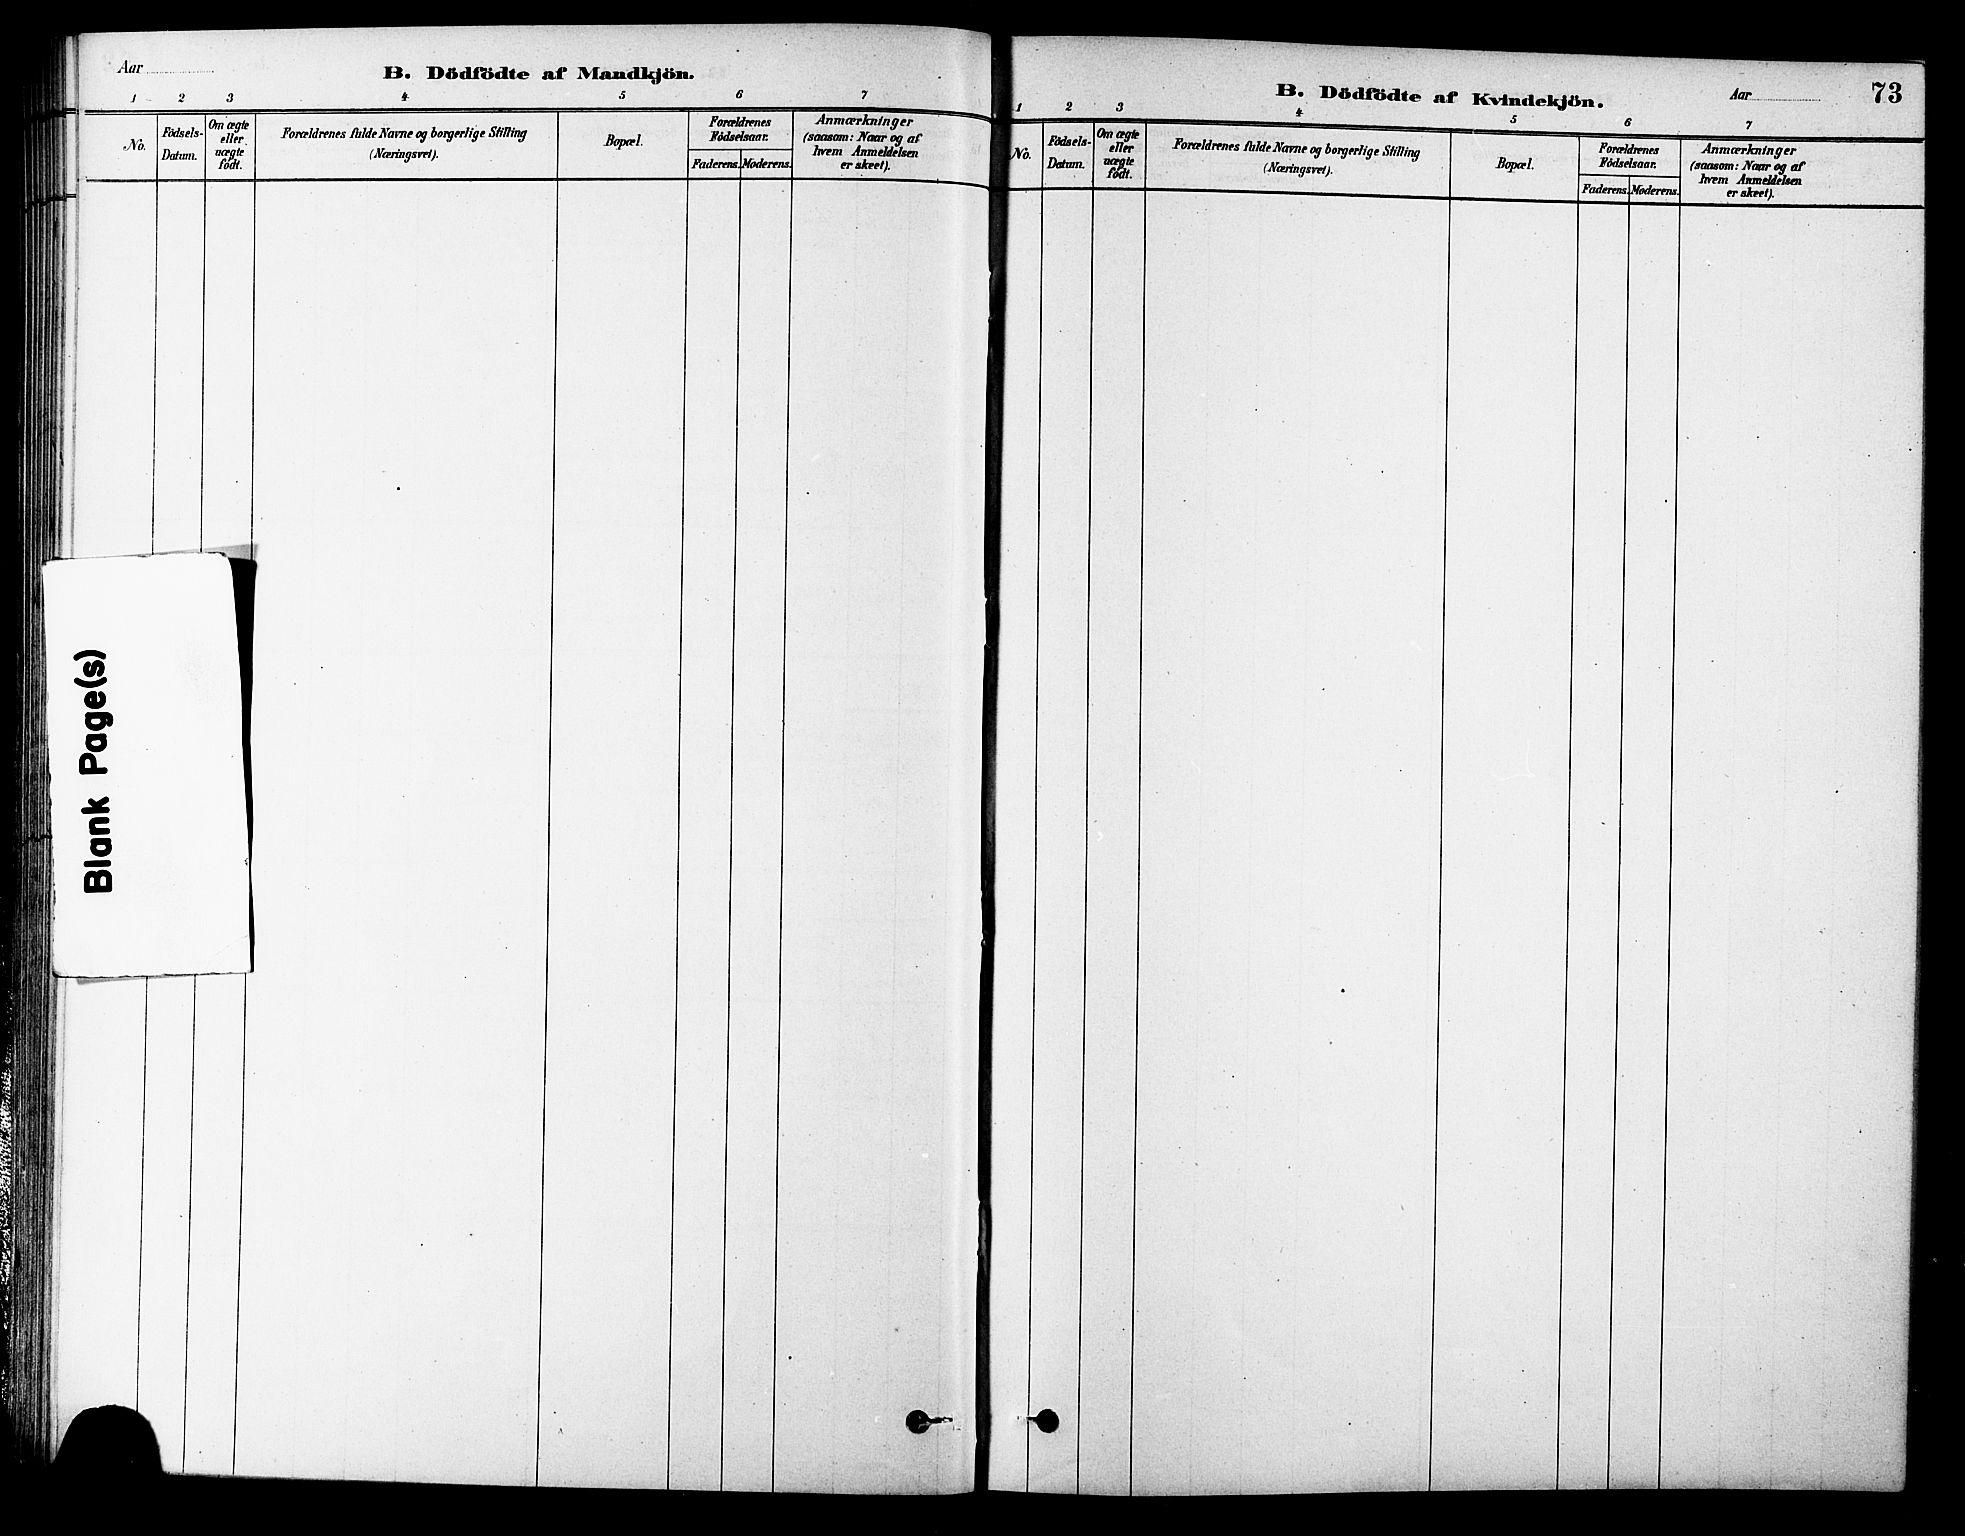 SAT, Ministerialprotokoller, klokkerbøker og fødselsregistre - Sør-Trøndelag, 686/L0983: Ministerialbok nr. 686A01, 1879-1890, s. 73